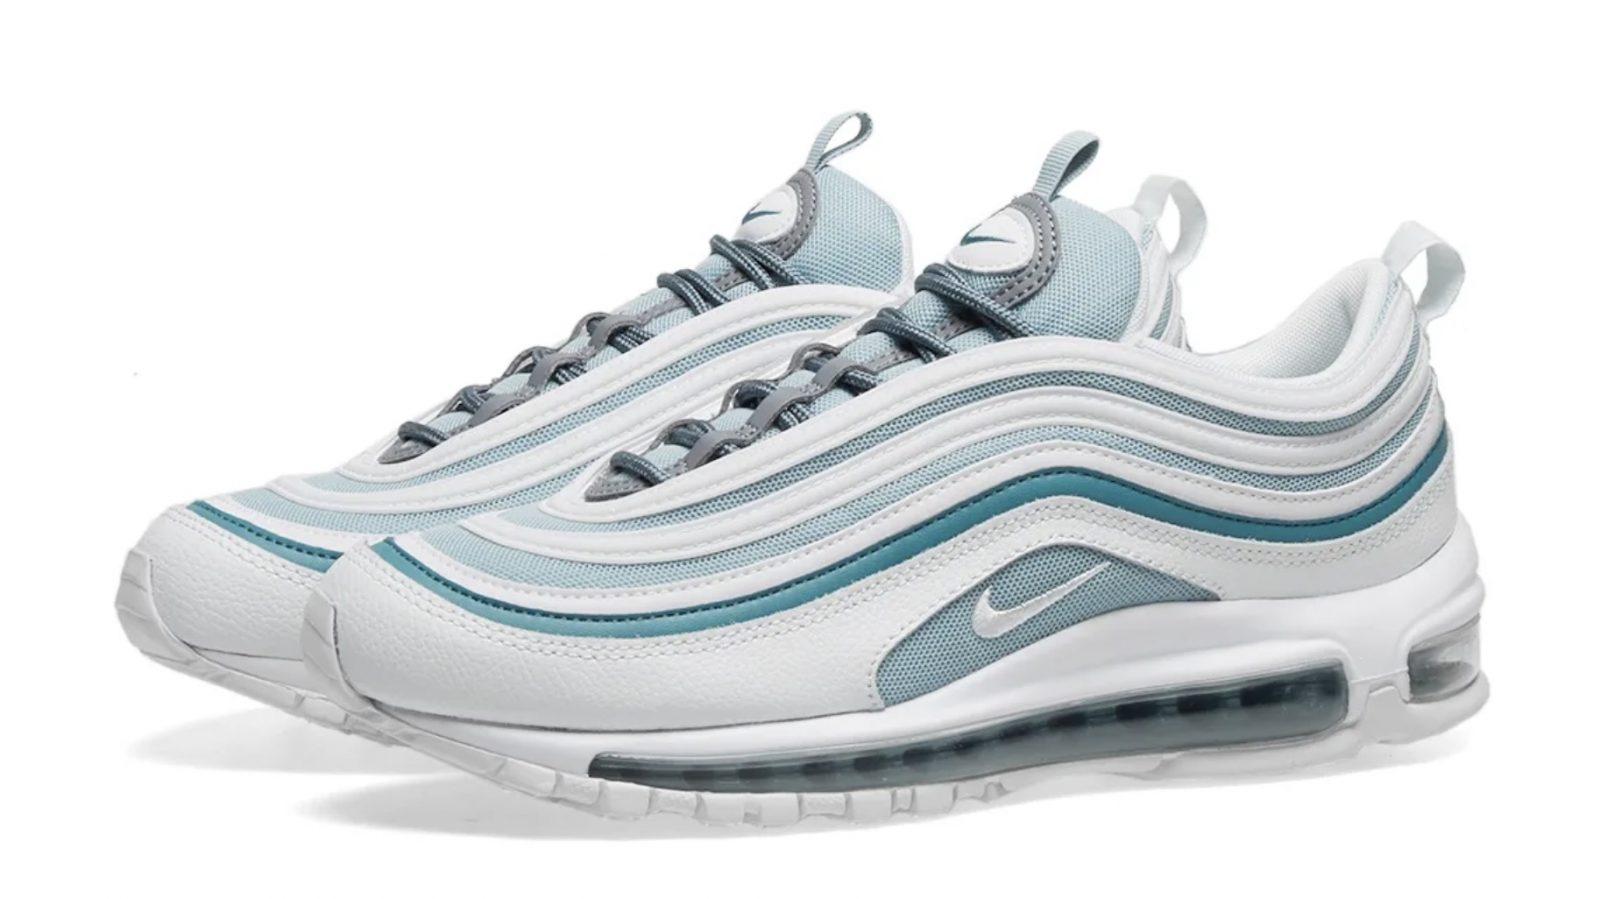 Nike Air Max 97 Blue White